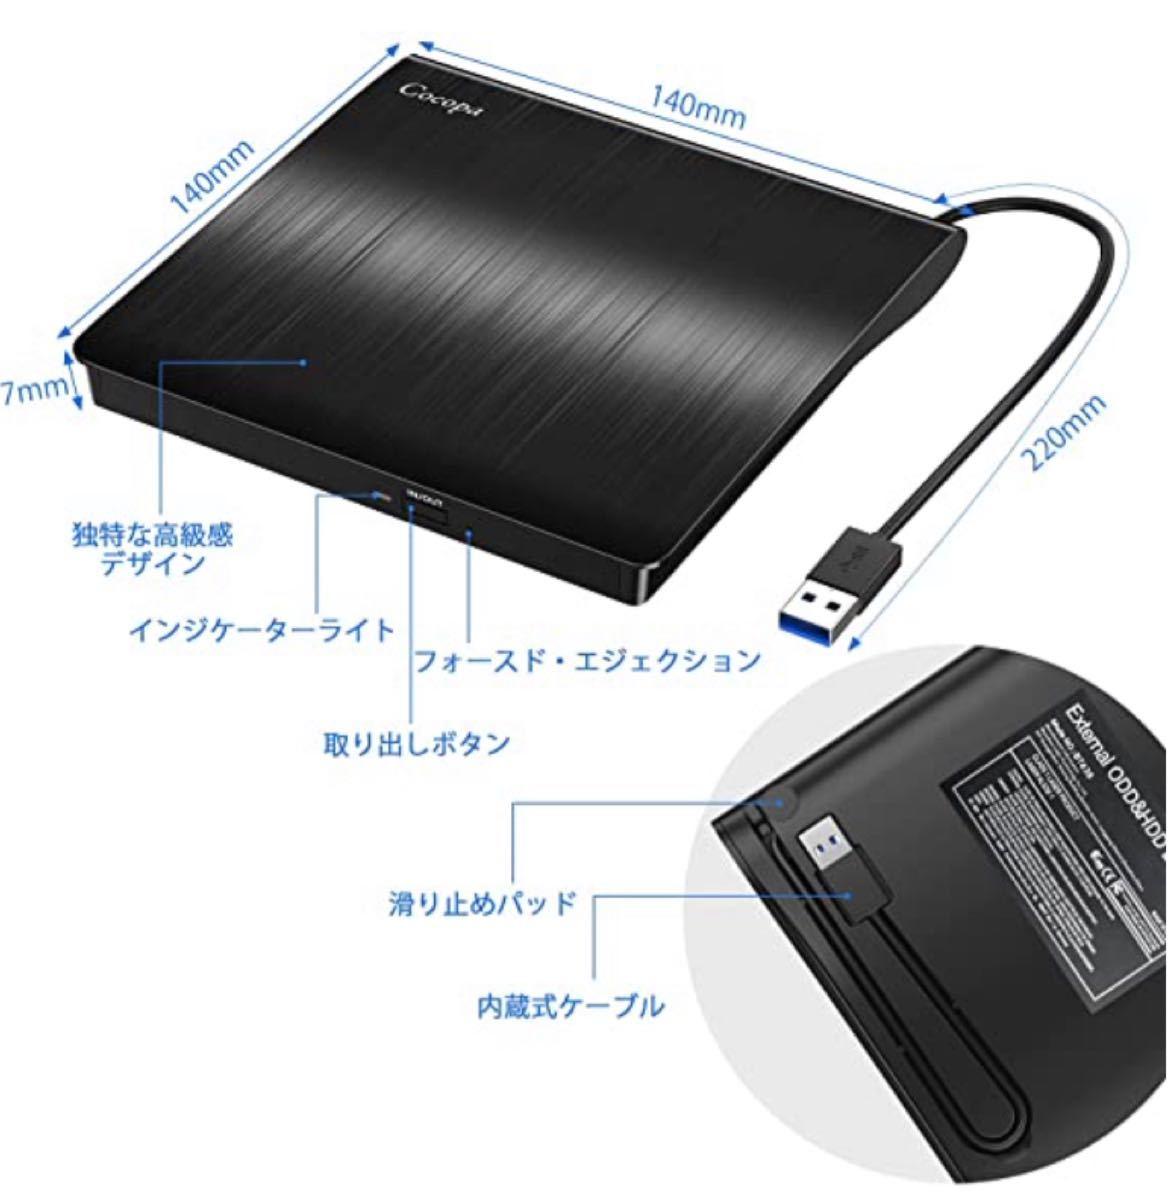 Cocopa USB 3.0外付け DVD ドライブ DVD プレイヤー ポータブルドライブ